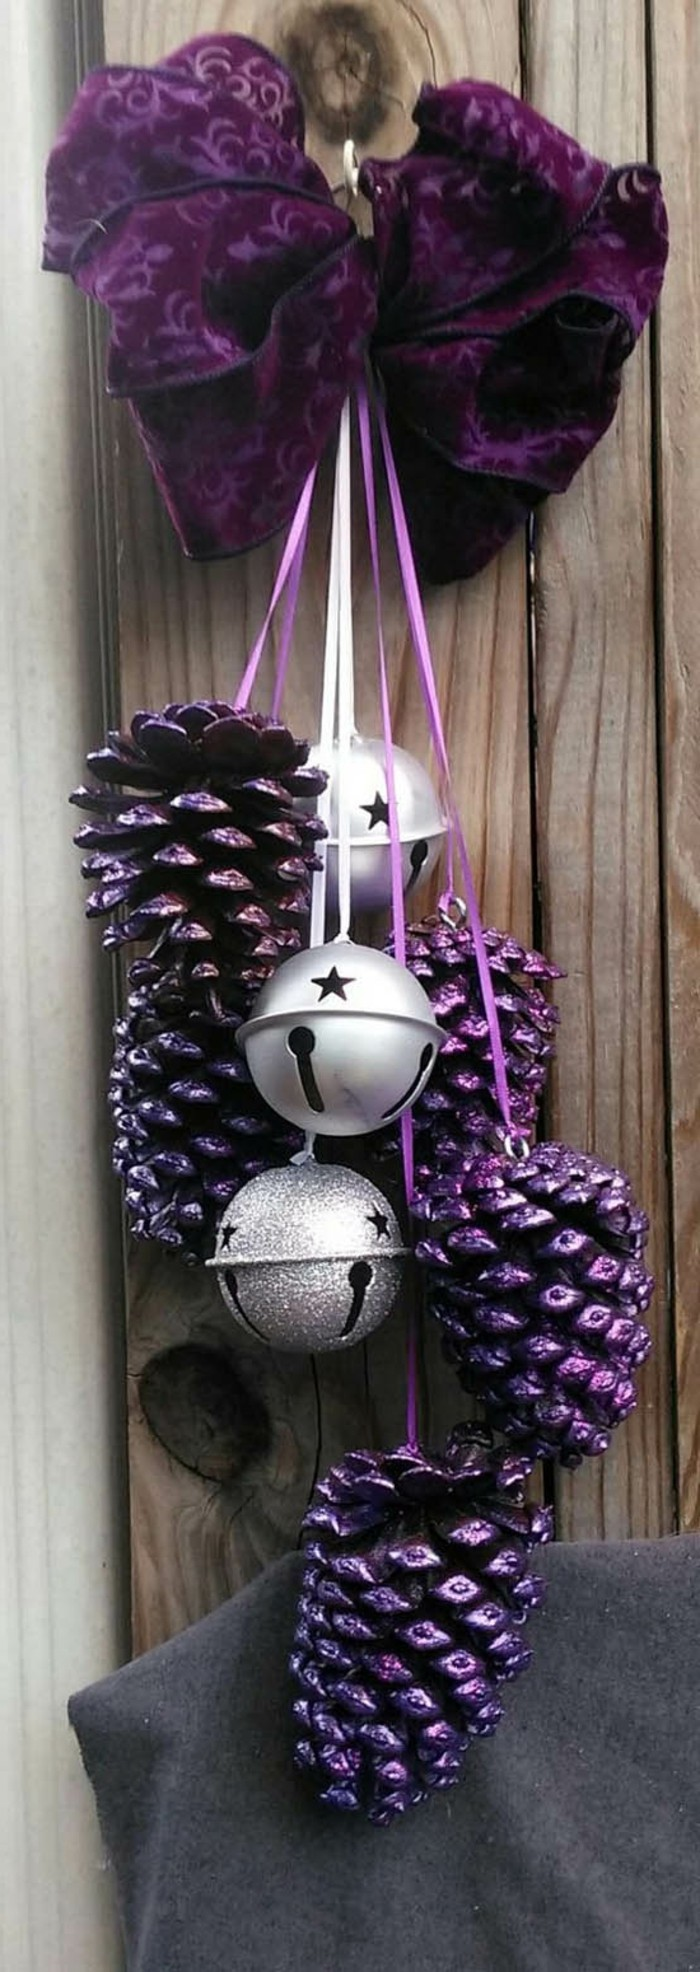 deko-mit-tannenzapfen-lila-gestrichen-lila-band-silberne-glocken